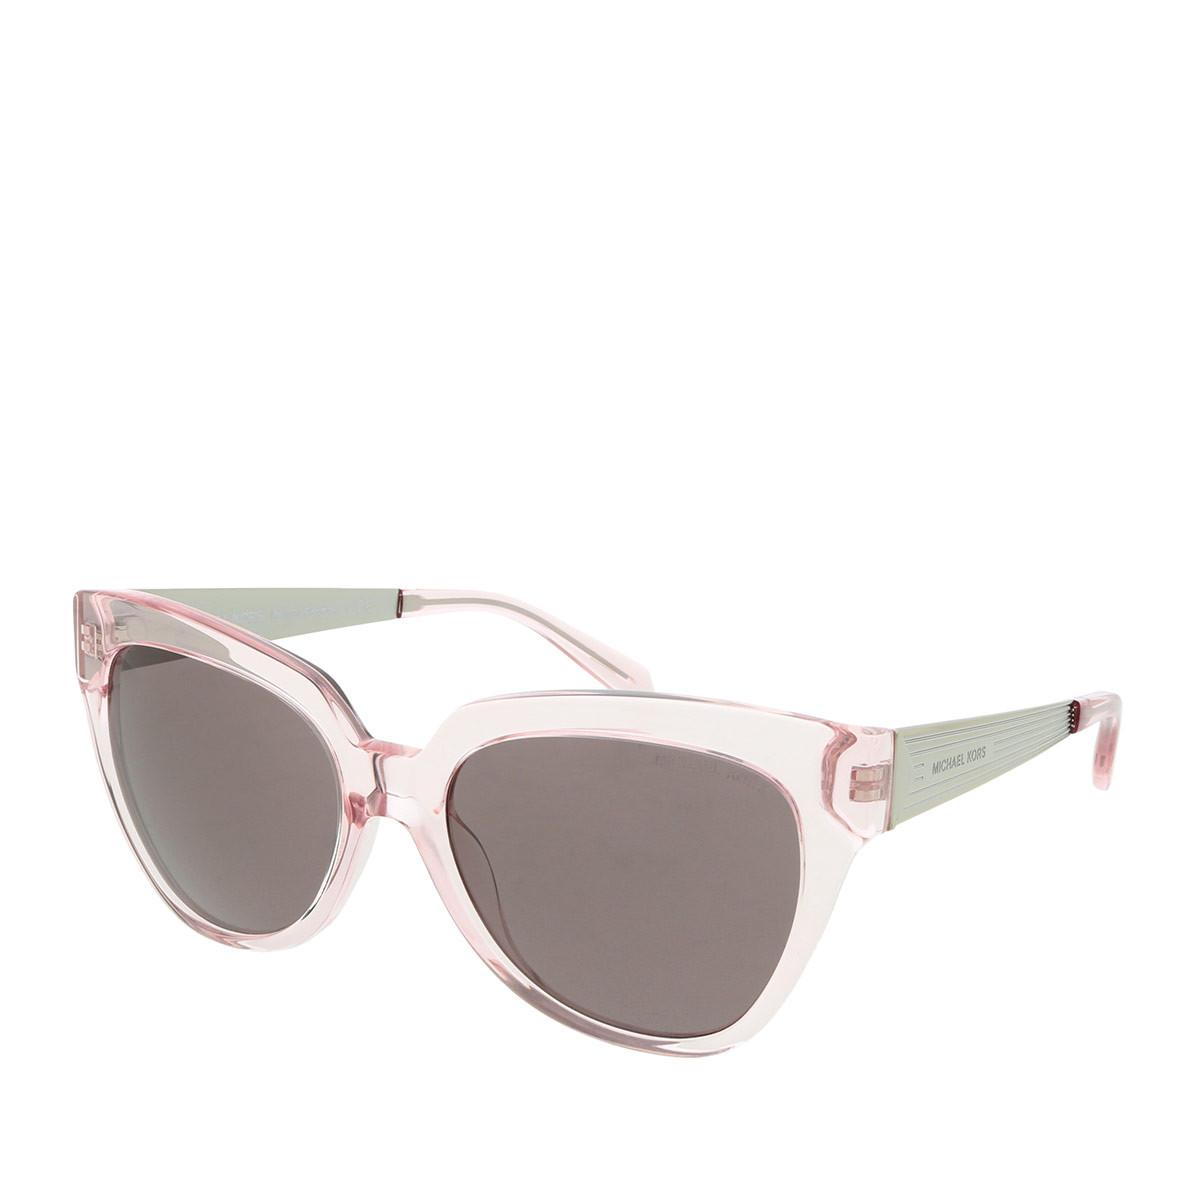 Michael Kors Sonnenbrille - MK 0MK2090 55 36787N - in rosa - für Damen